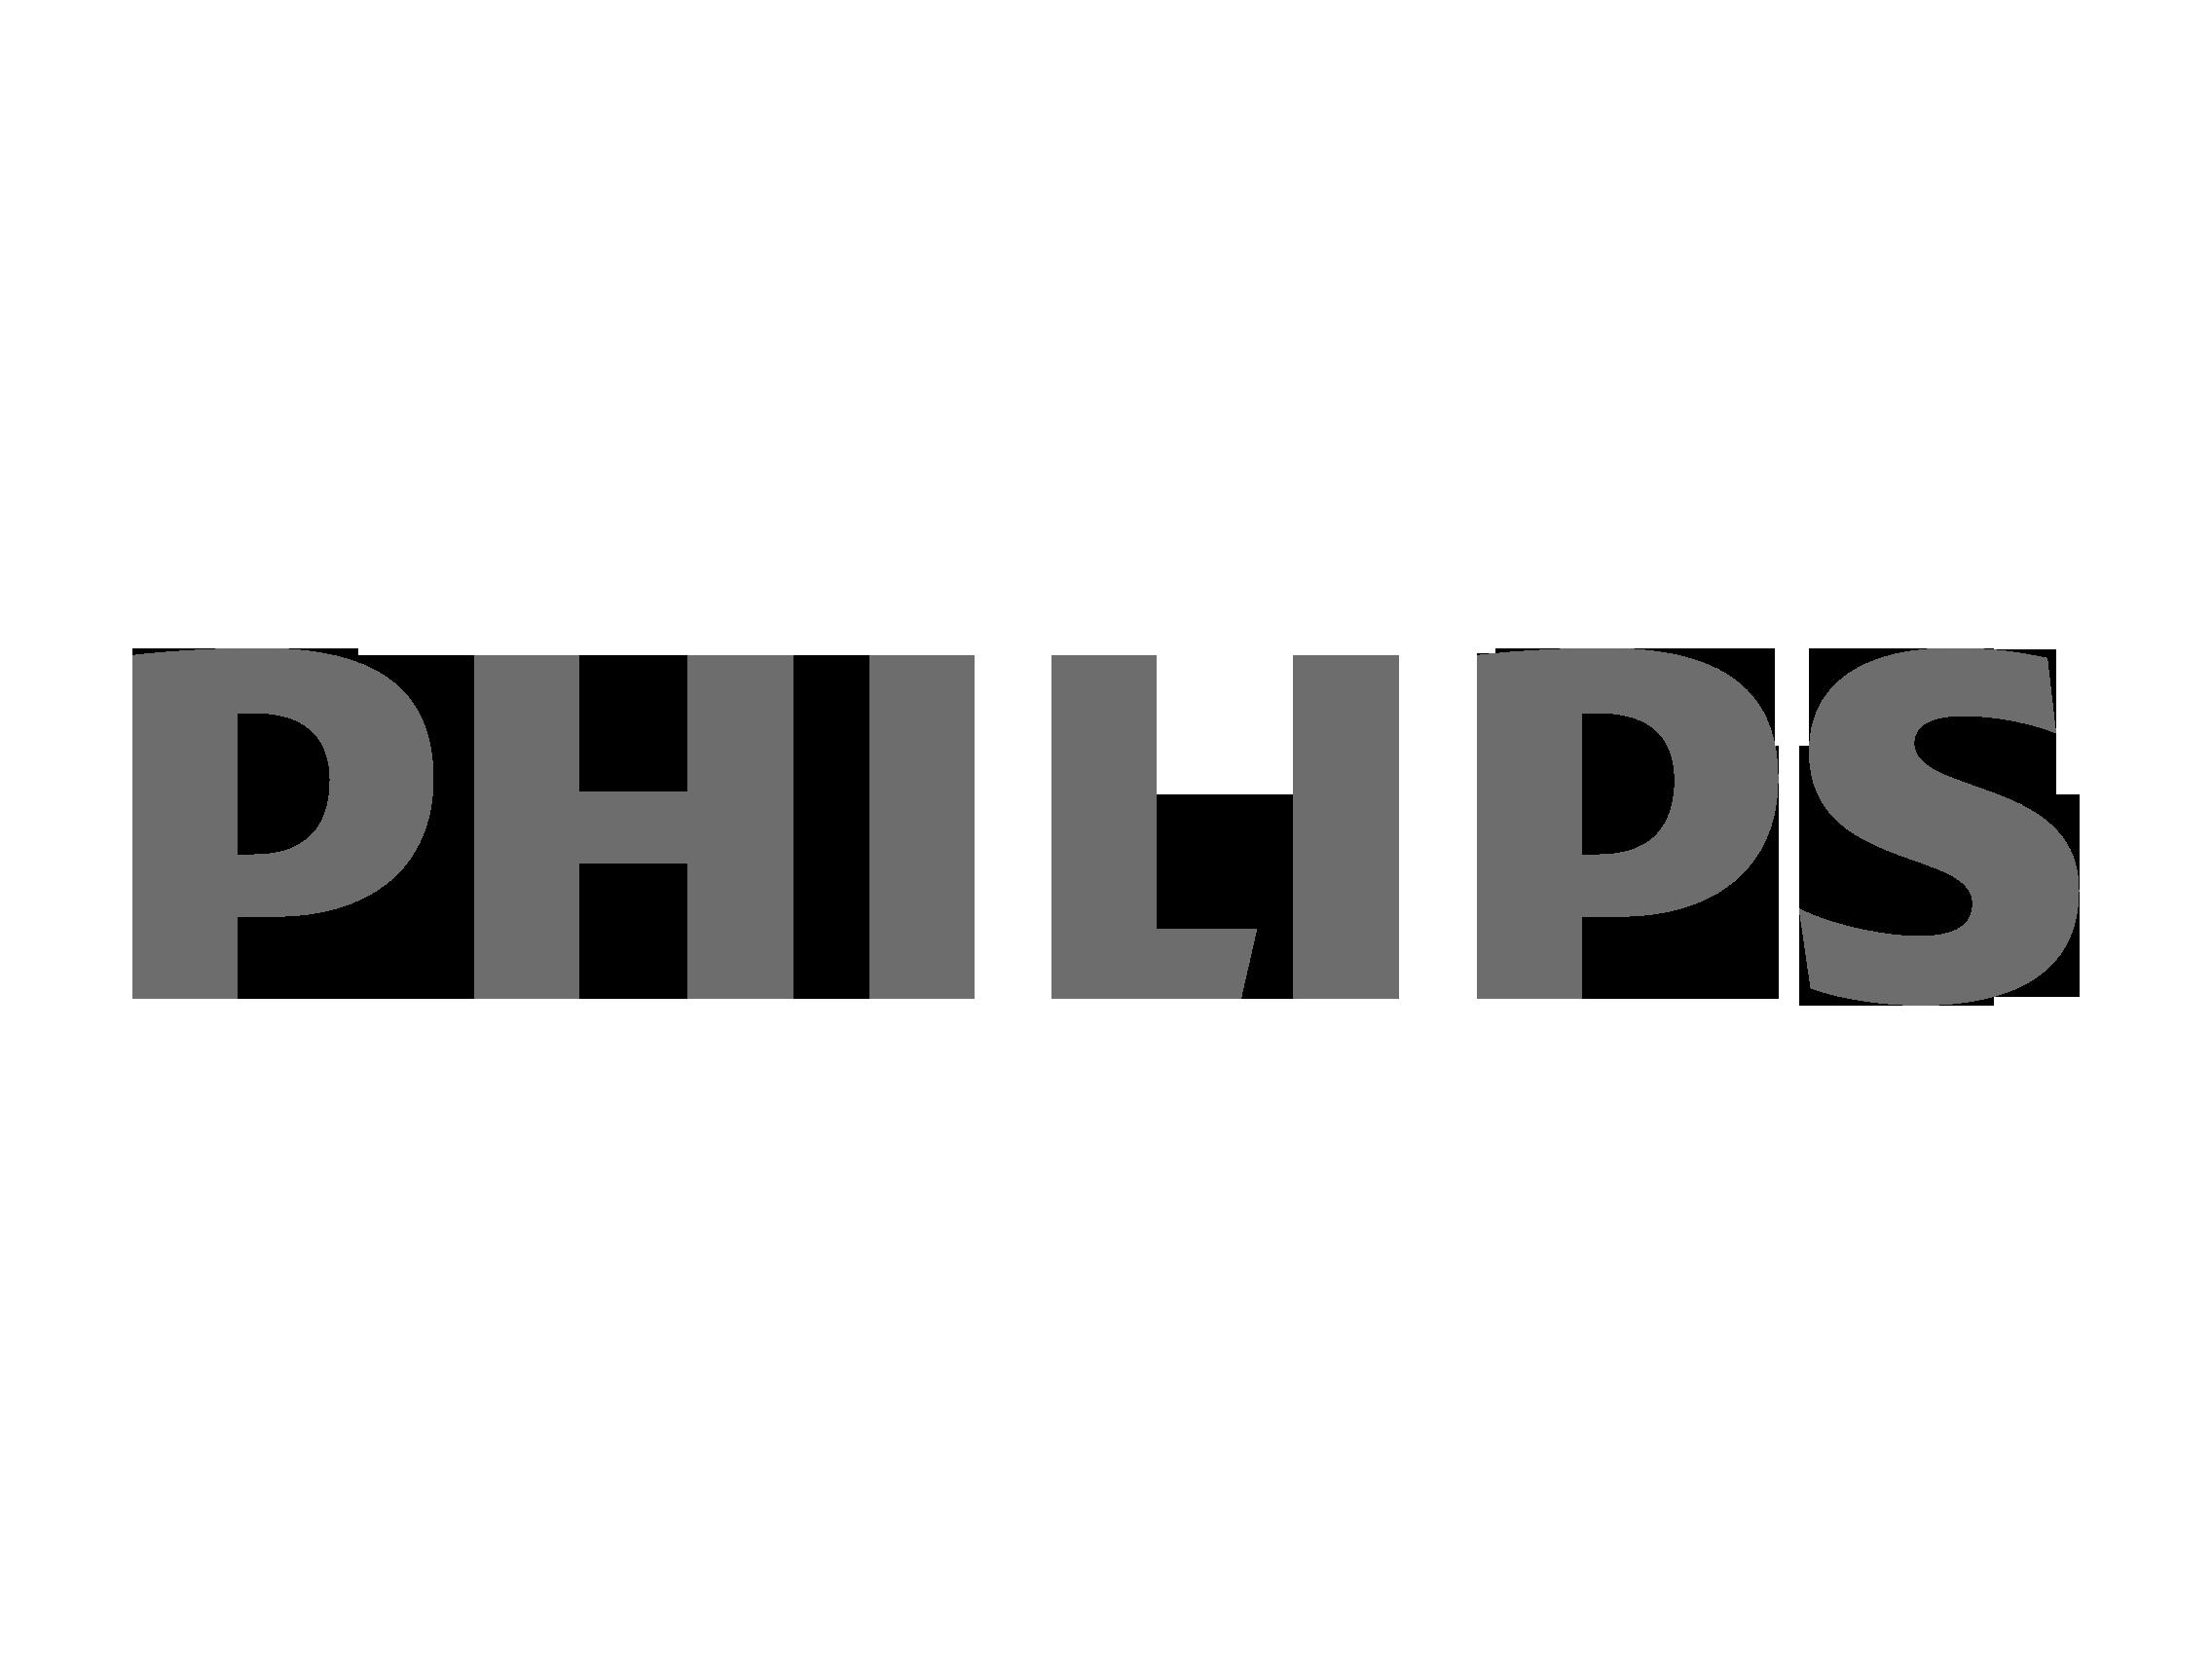 Philips-logo-wordmark copy.png